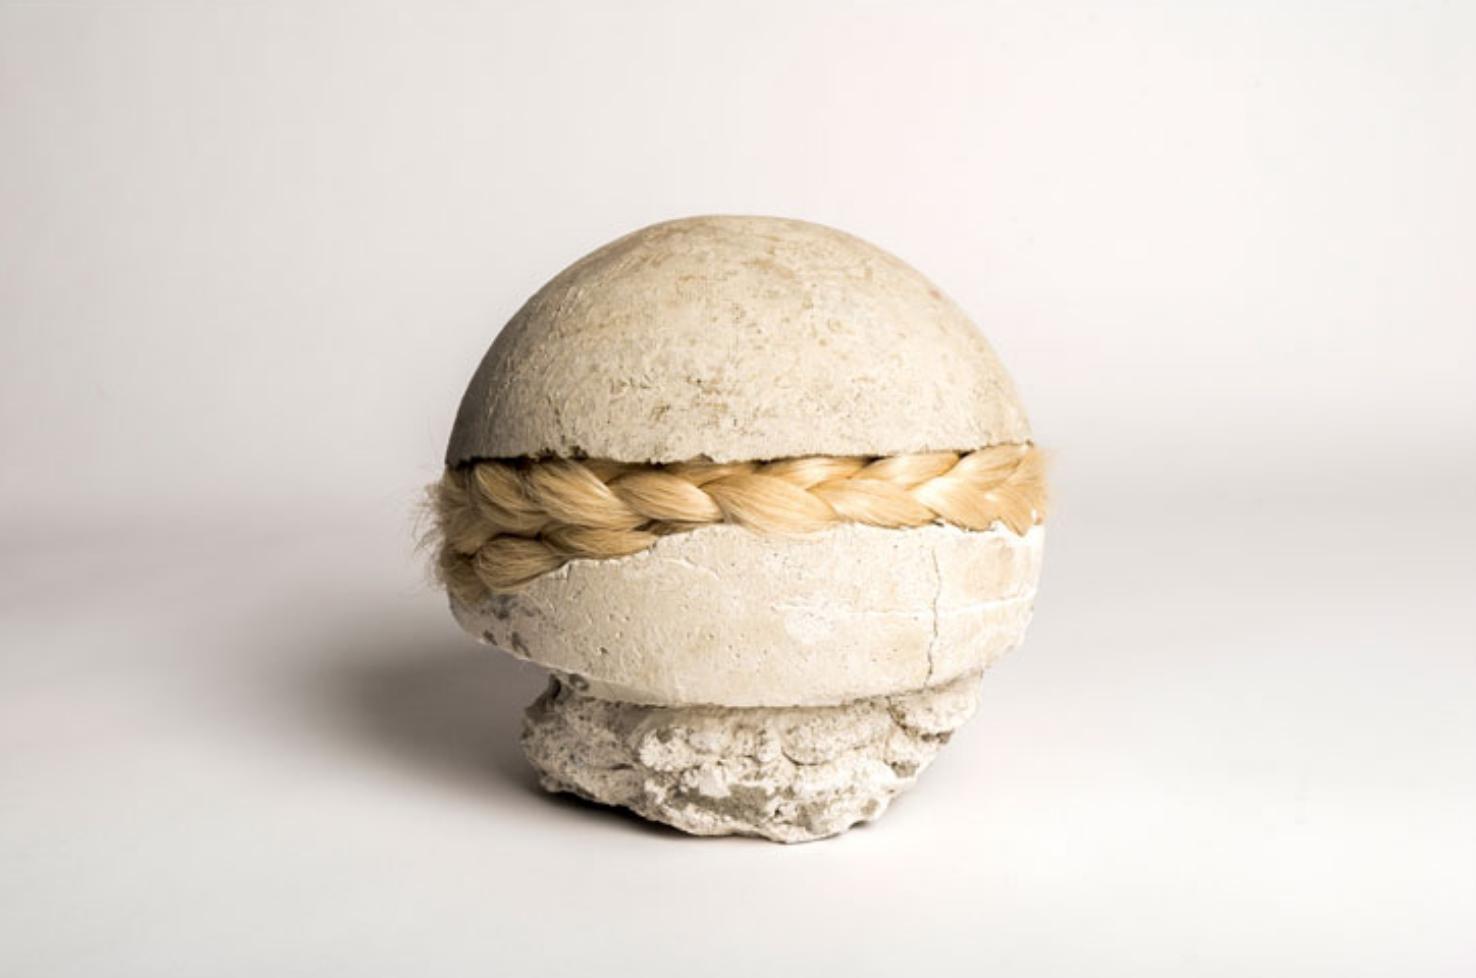 Veronica A Pérez,  wrecking ball , mortar, hair, 15 x 7 inches, 2016.